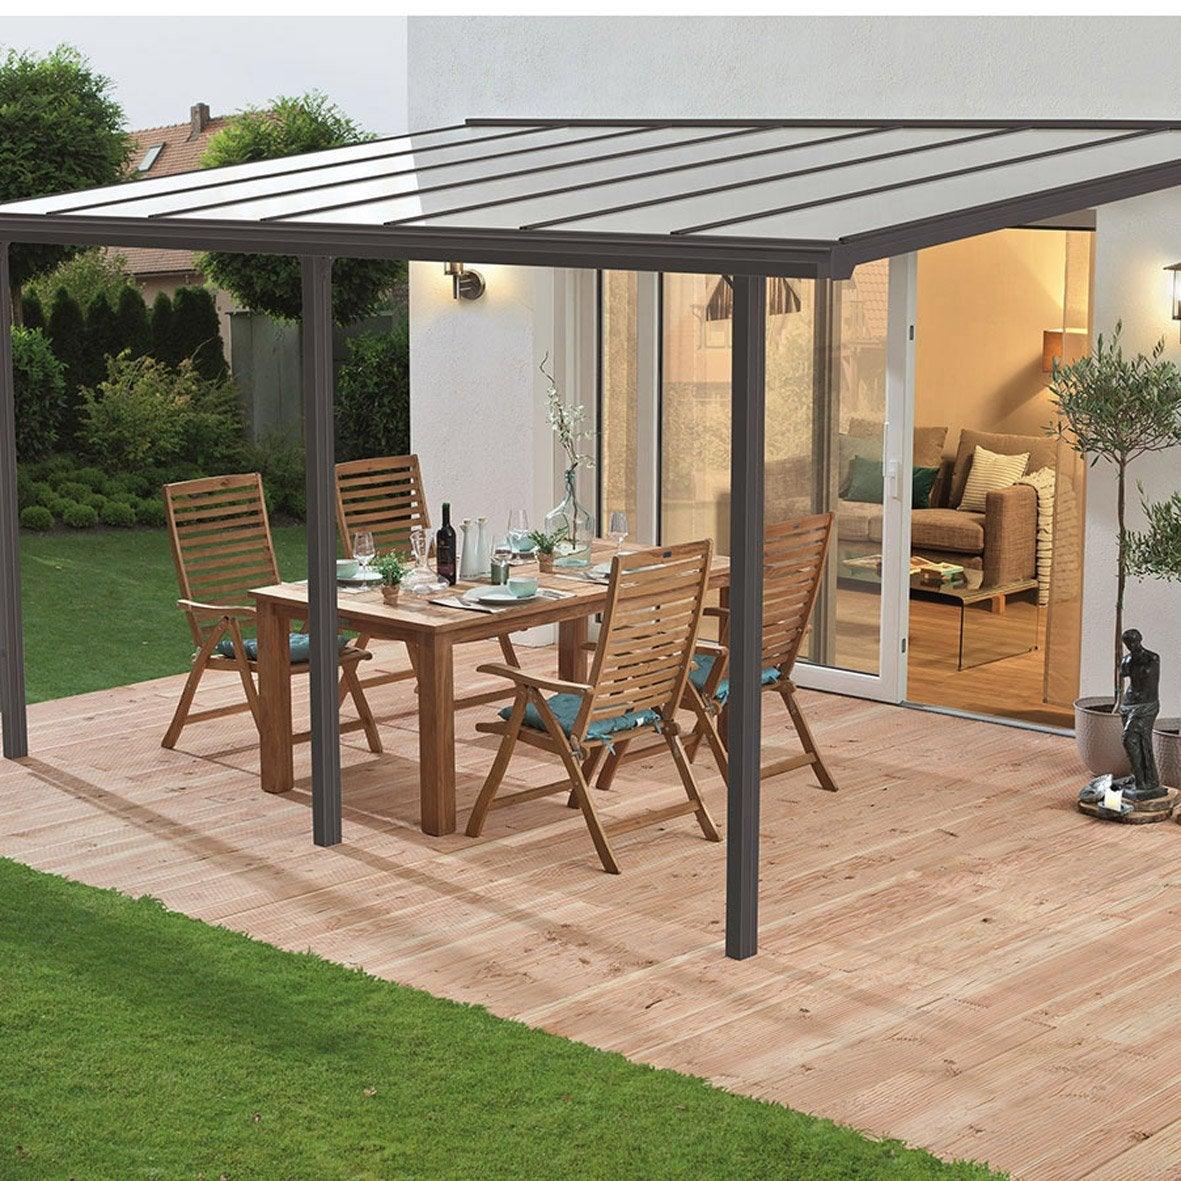 100 abri terrasse pergola sur mesure pergola alu classique toiture pol - Abri terrasse alu polycarbonate ...